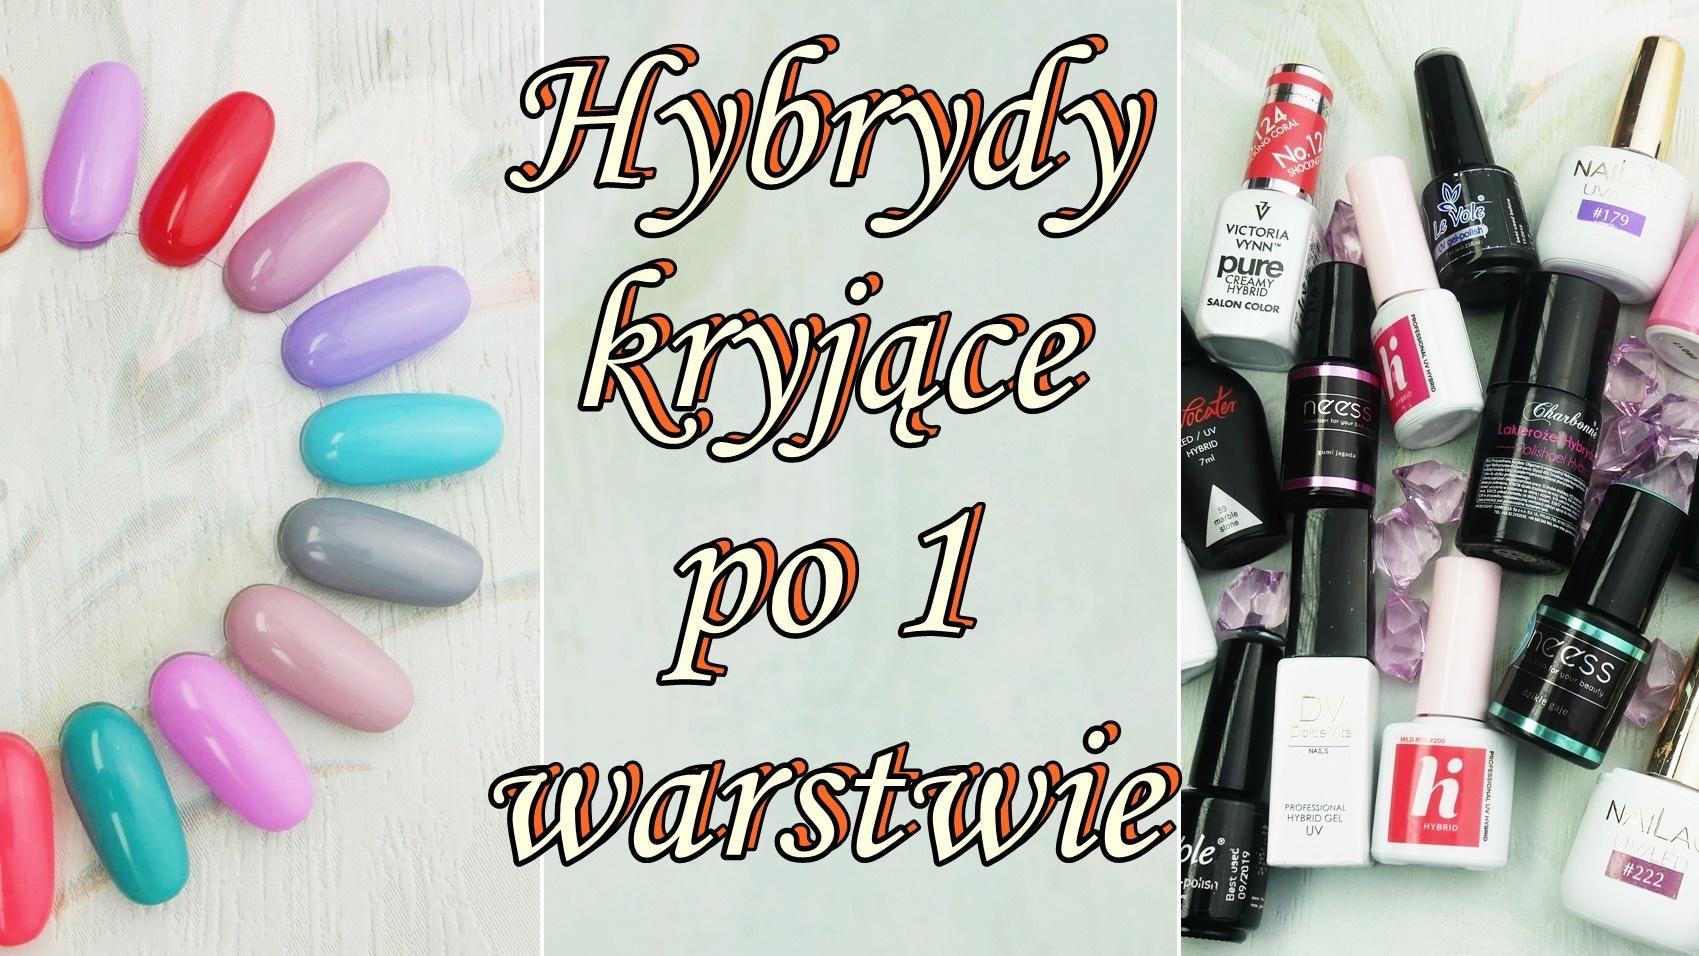 hybrydy-kryjące-po-1-warstwie-paznokcie-hybrydowe-idealne-krycie-Hi-hybrid-Neess-Nailac-Charbonne-Provocater-Victoria-vynn-Peggy-sagge-DVN-LeVole-Lakierowniczka